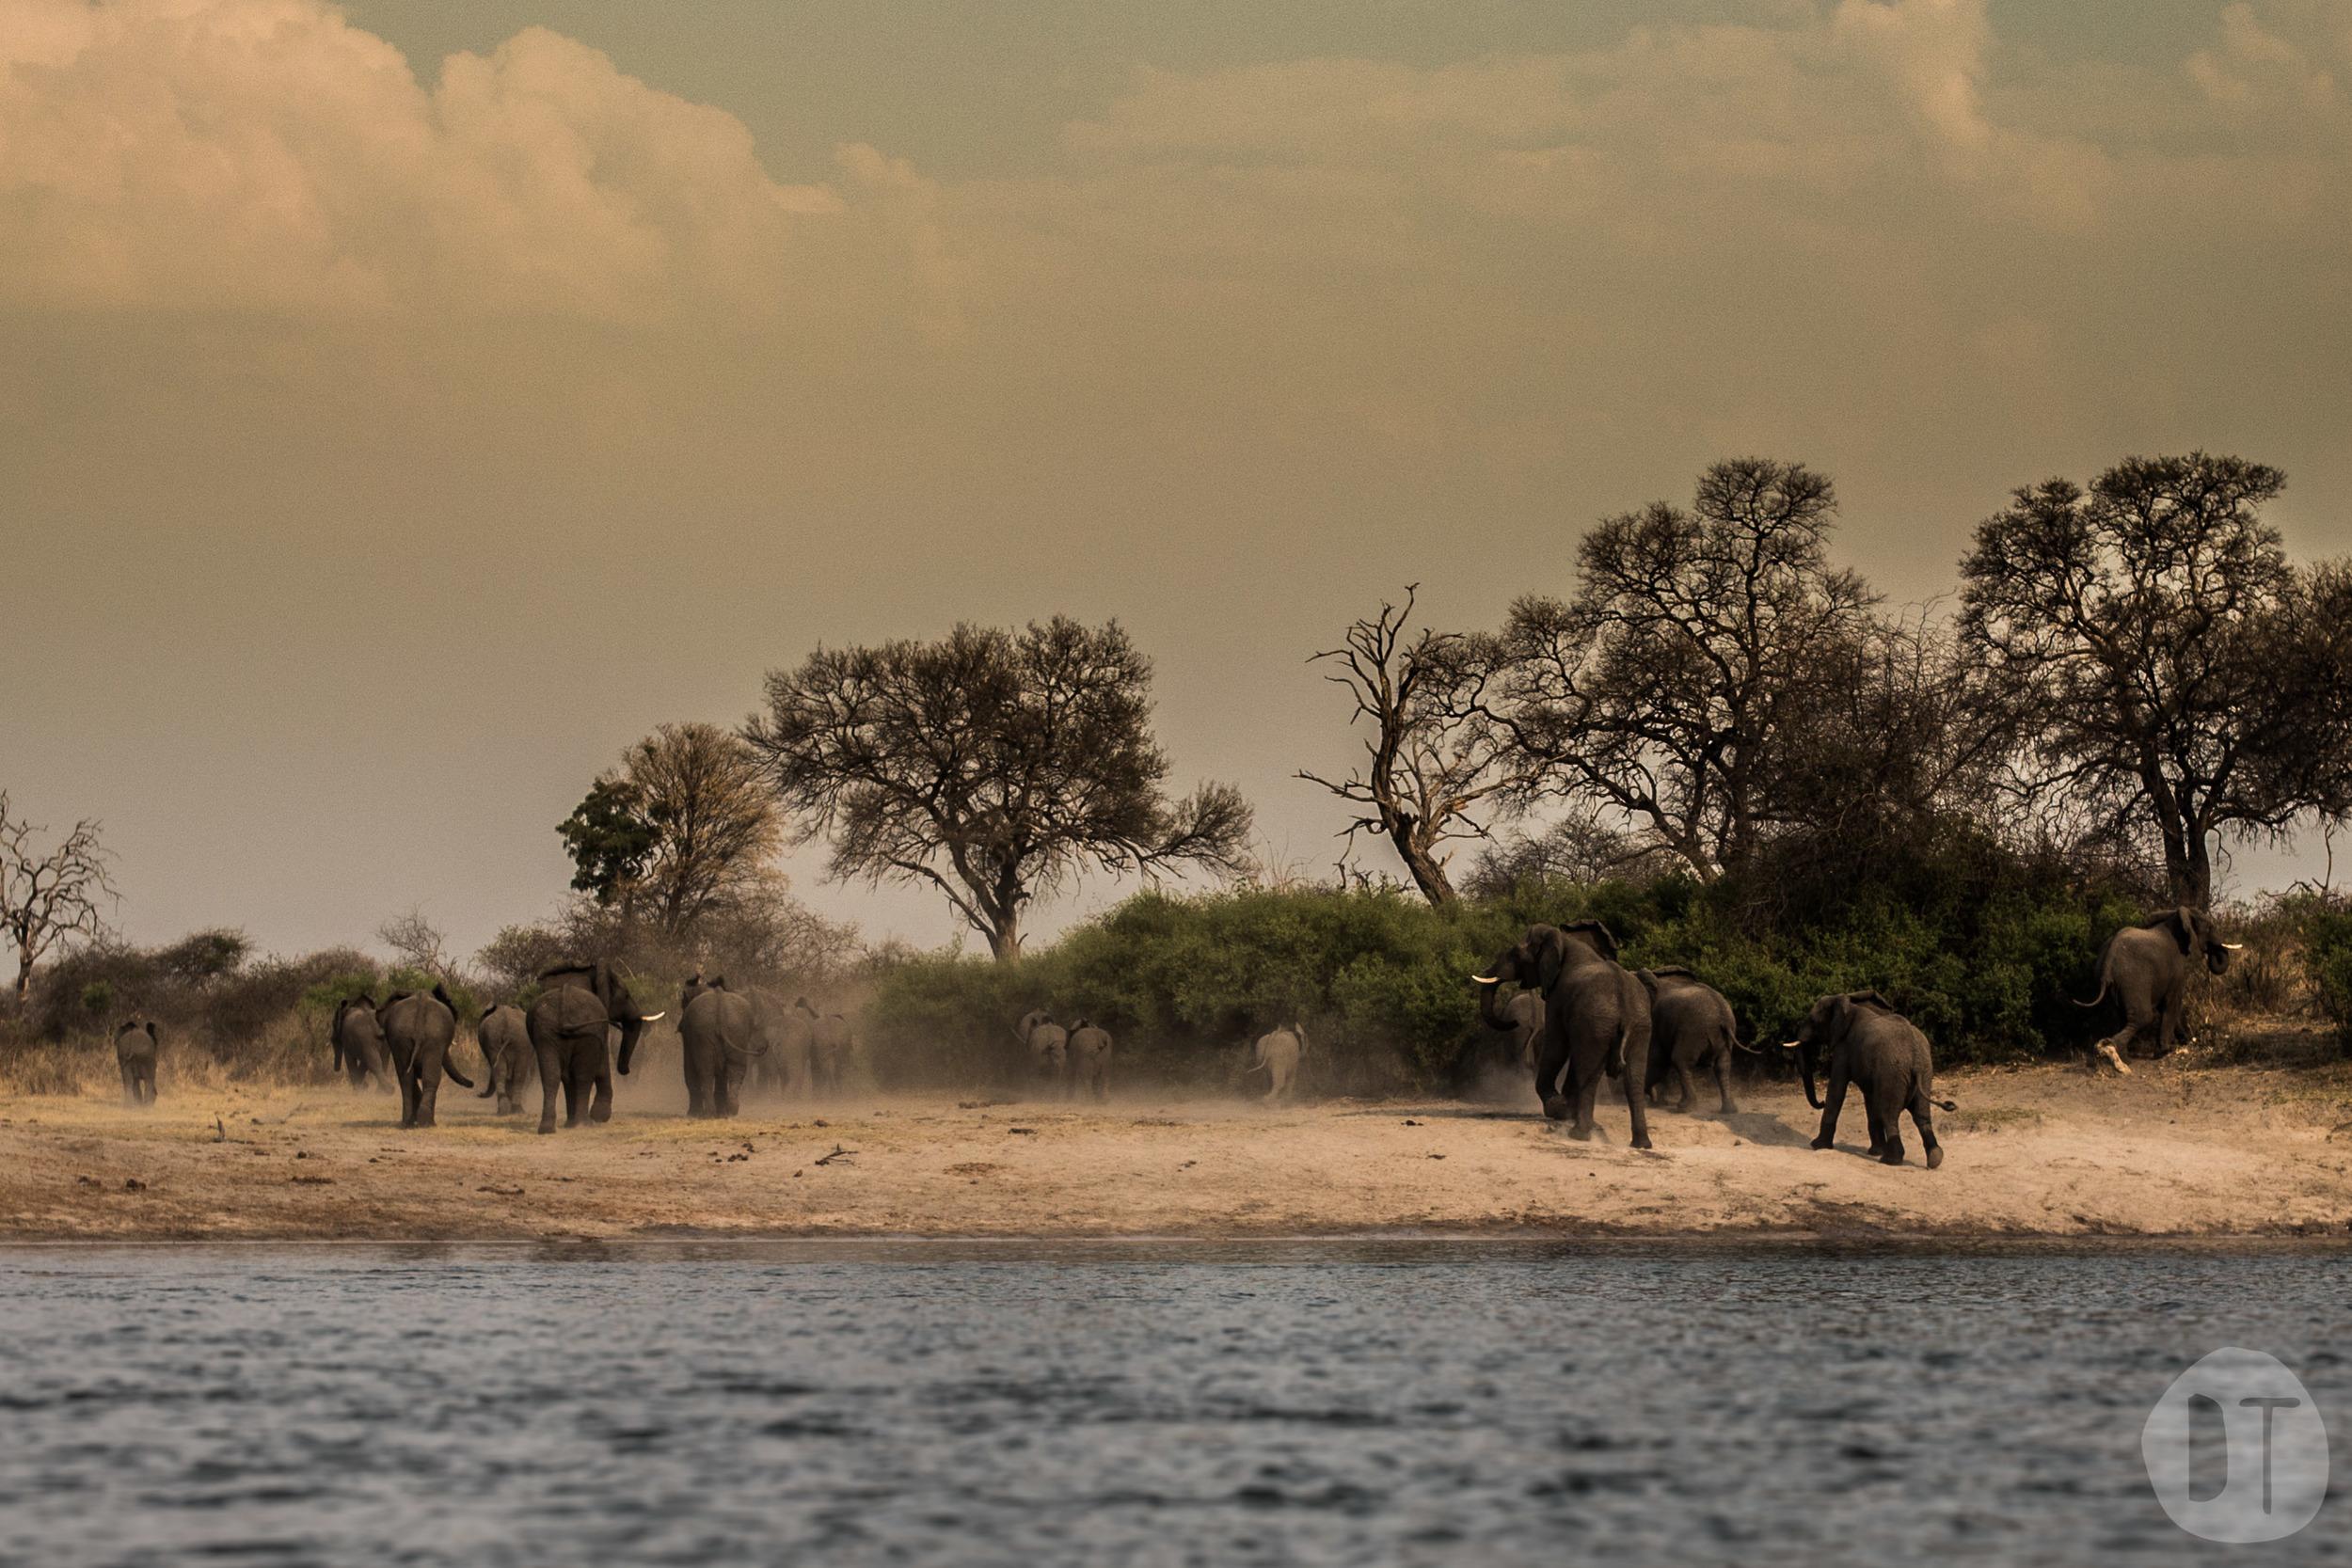 STAMPEDE, NAMIBIA